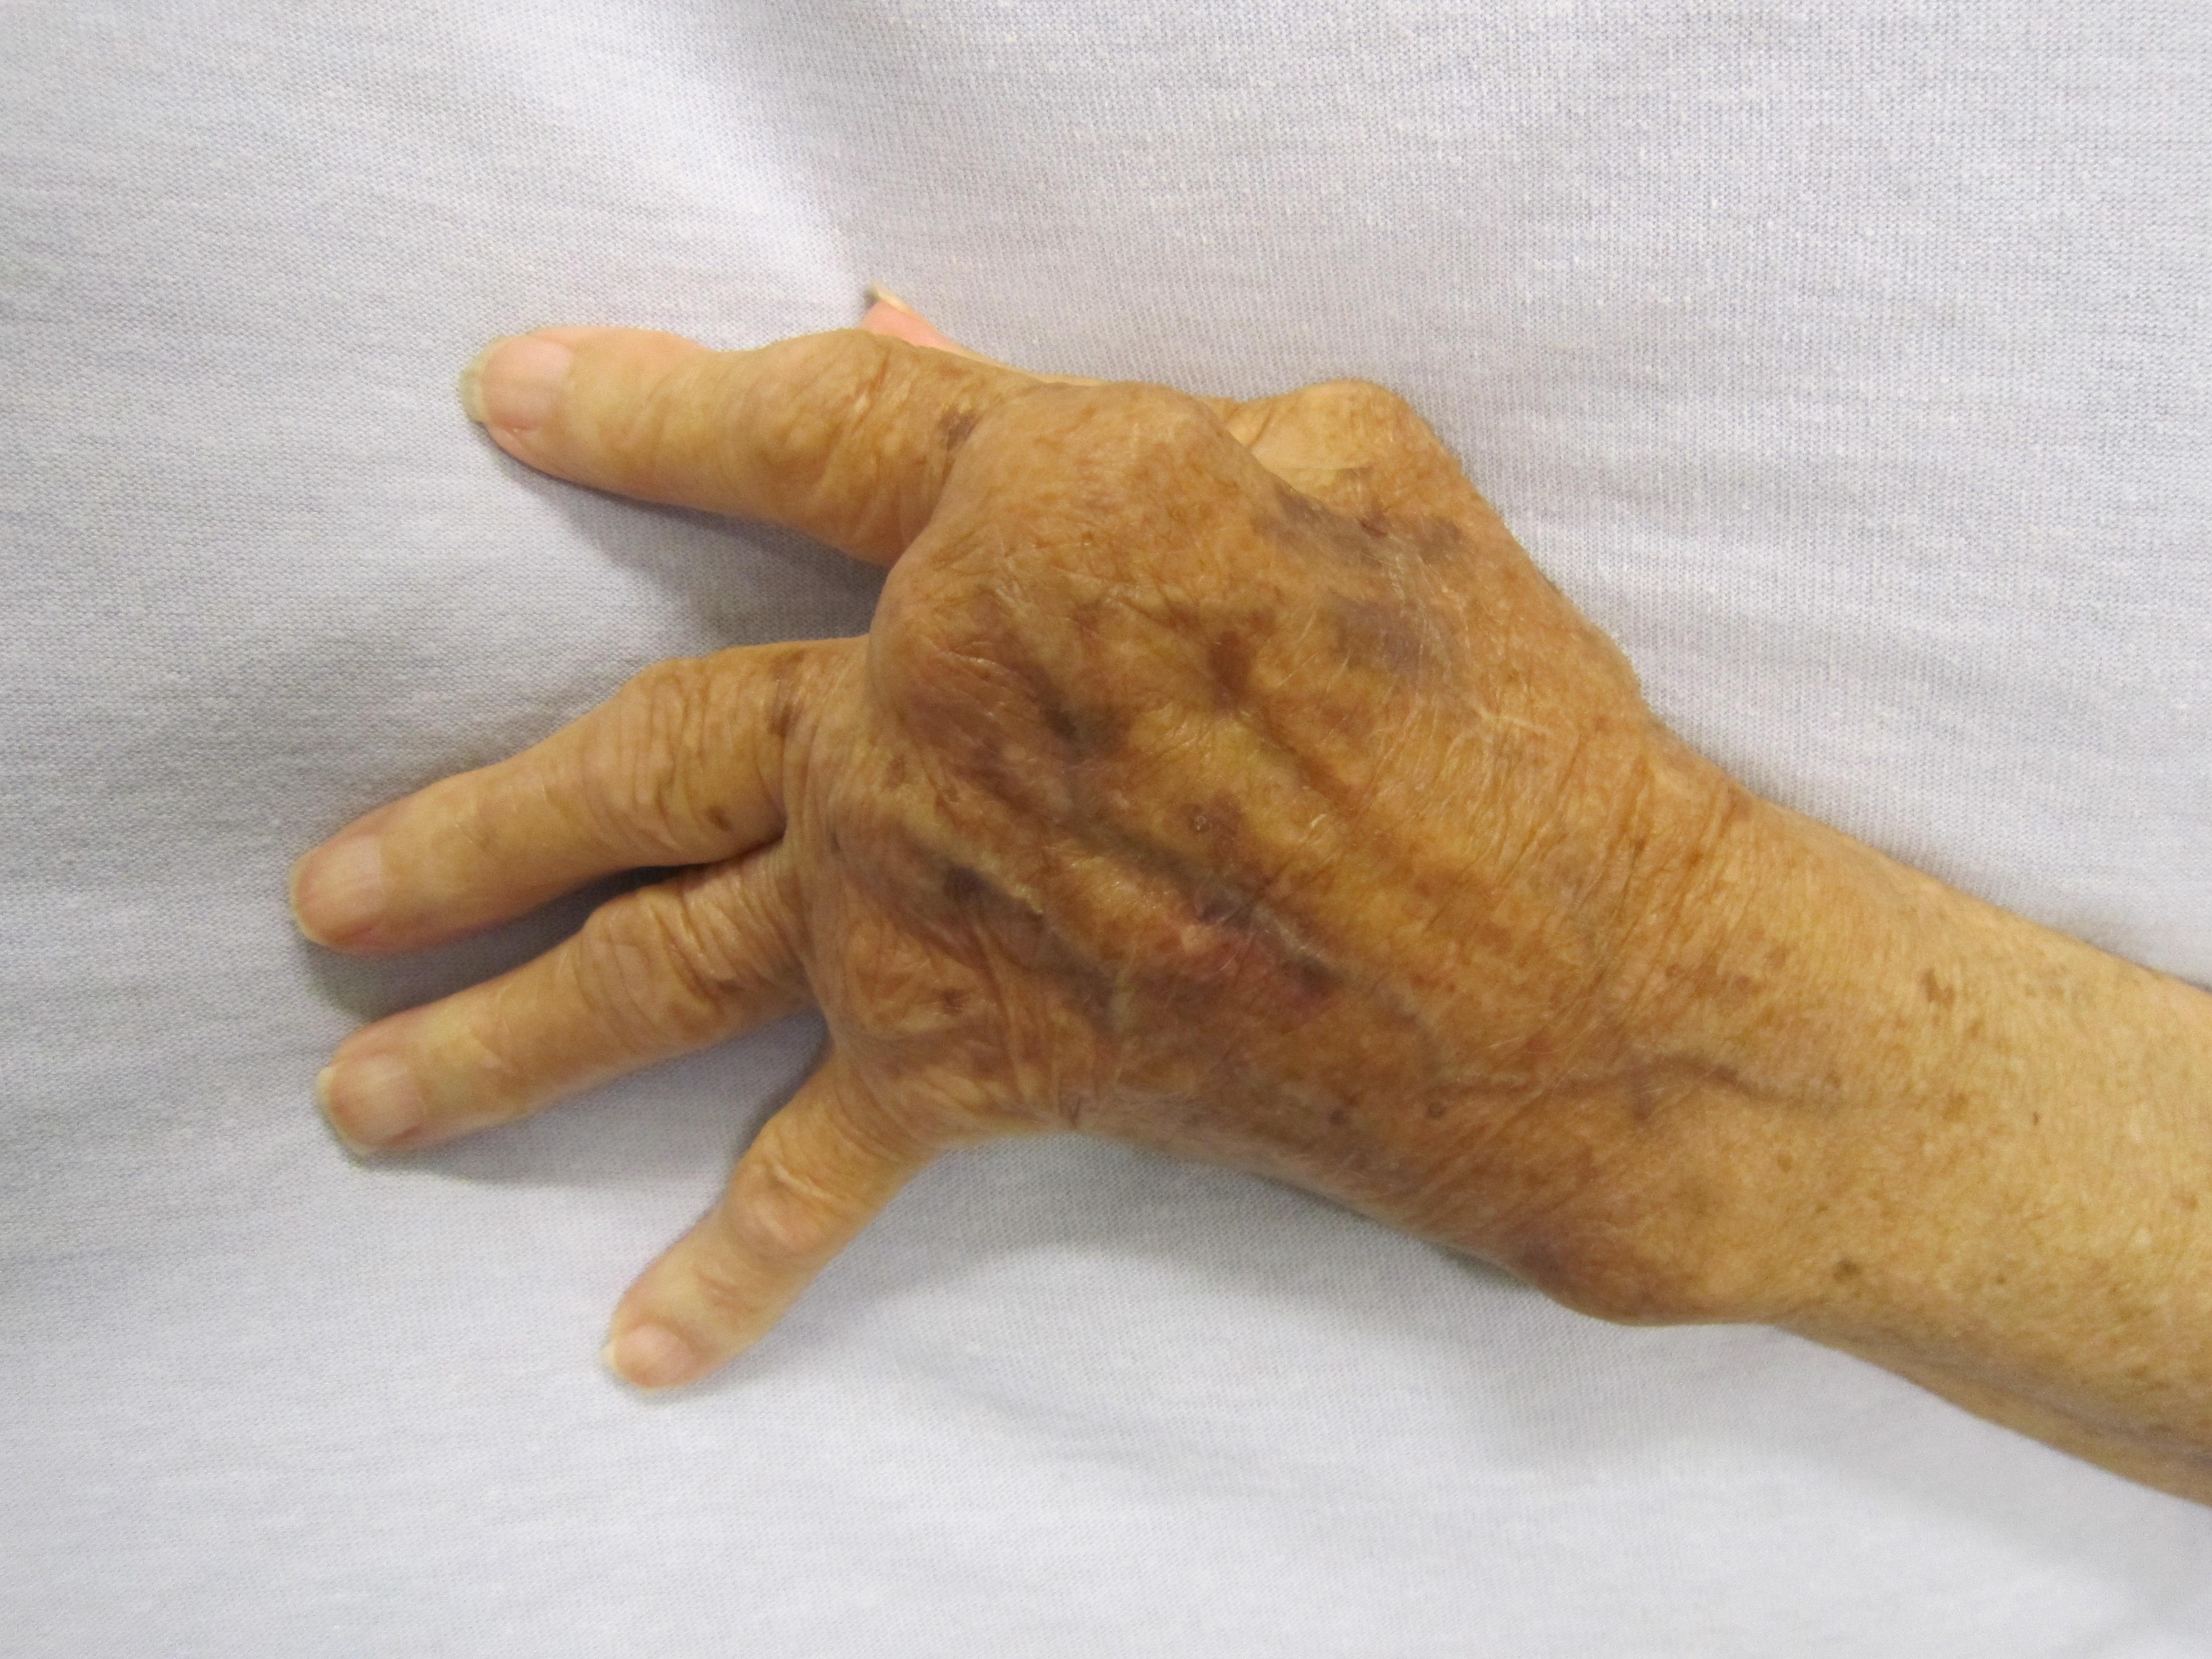 az interfalangeális ízületek artrózisának kezelése